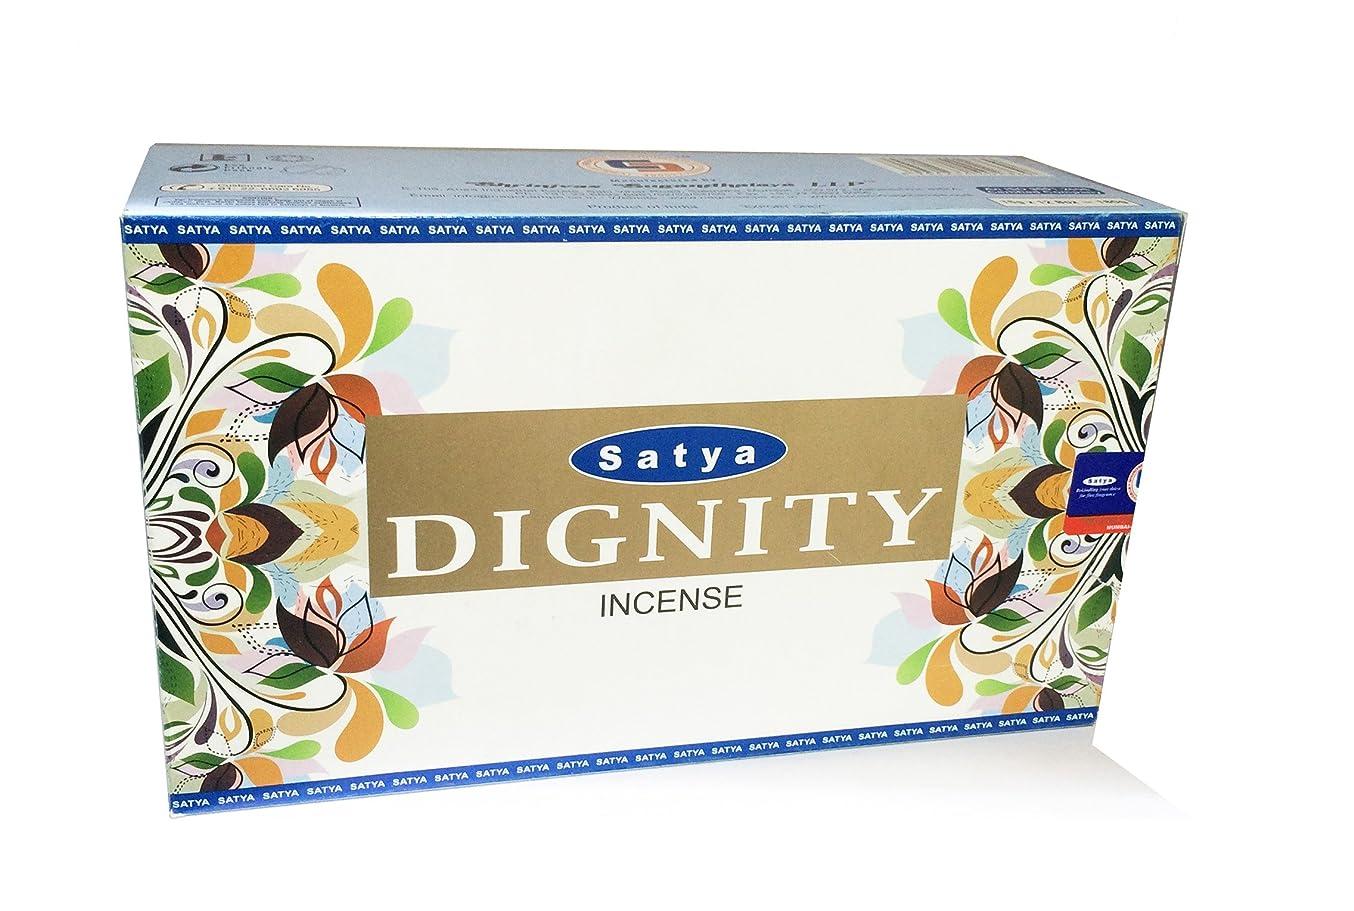 爵絶えずインタフェースSatya Dignity Fragrance Incense Sticks Agarbattiギフト?–?パックof 12ボックス( 15各) GM - 180?gm